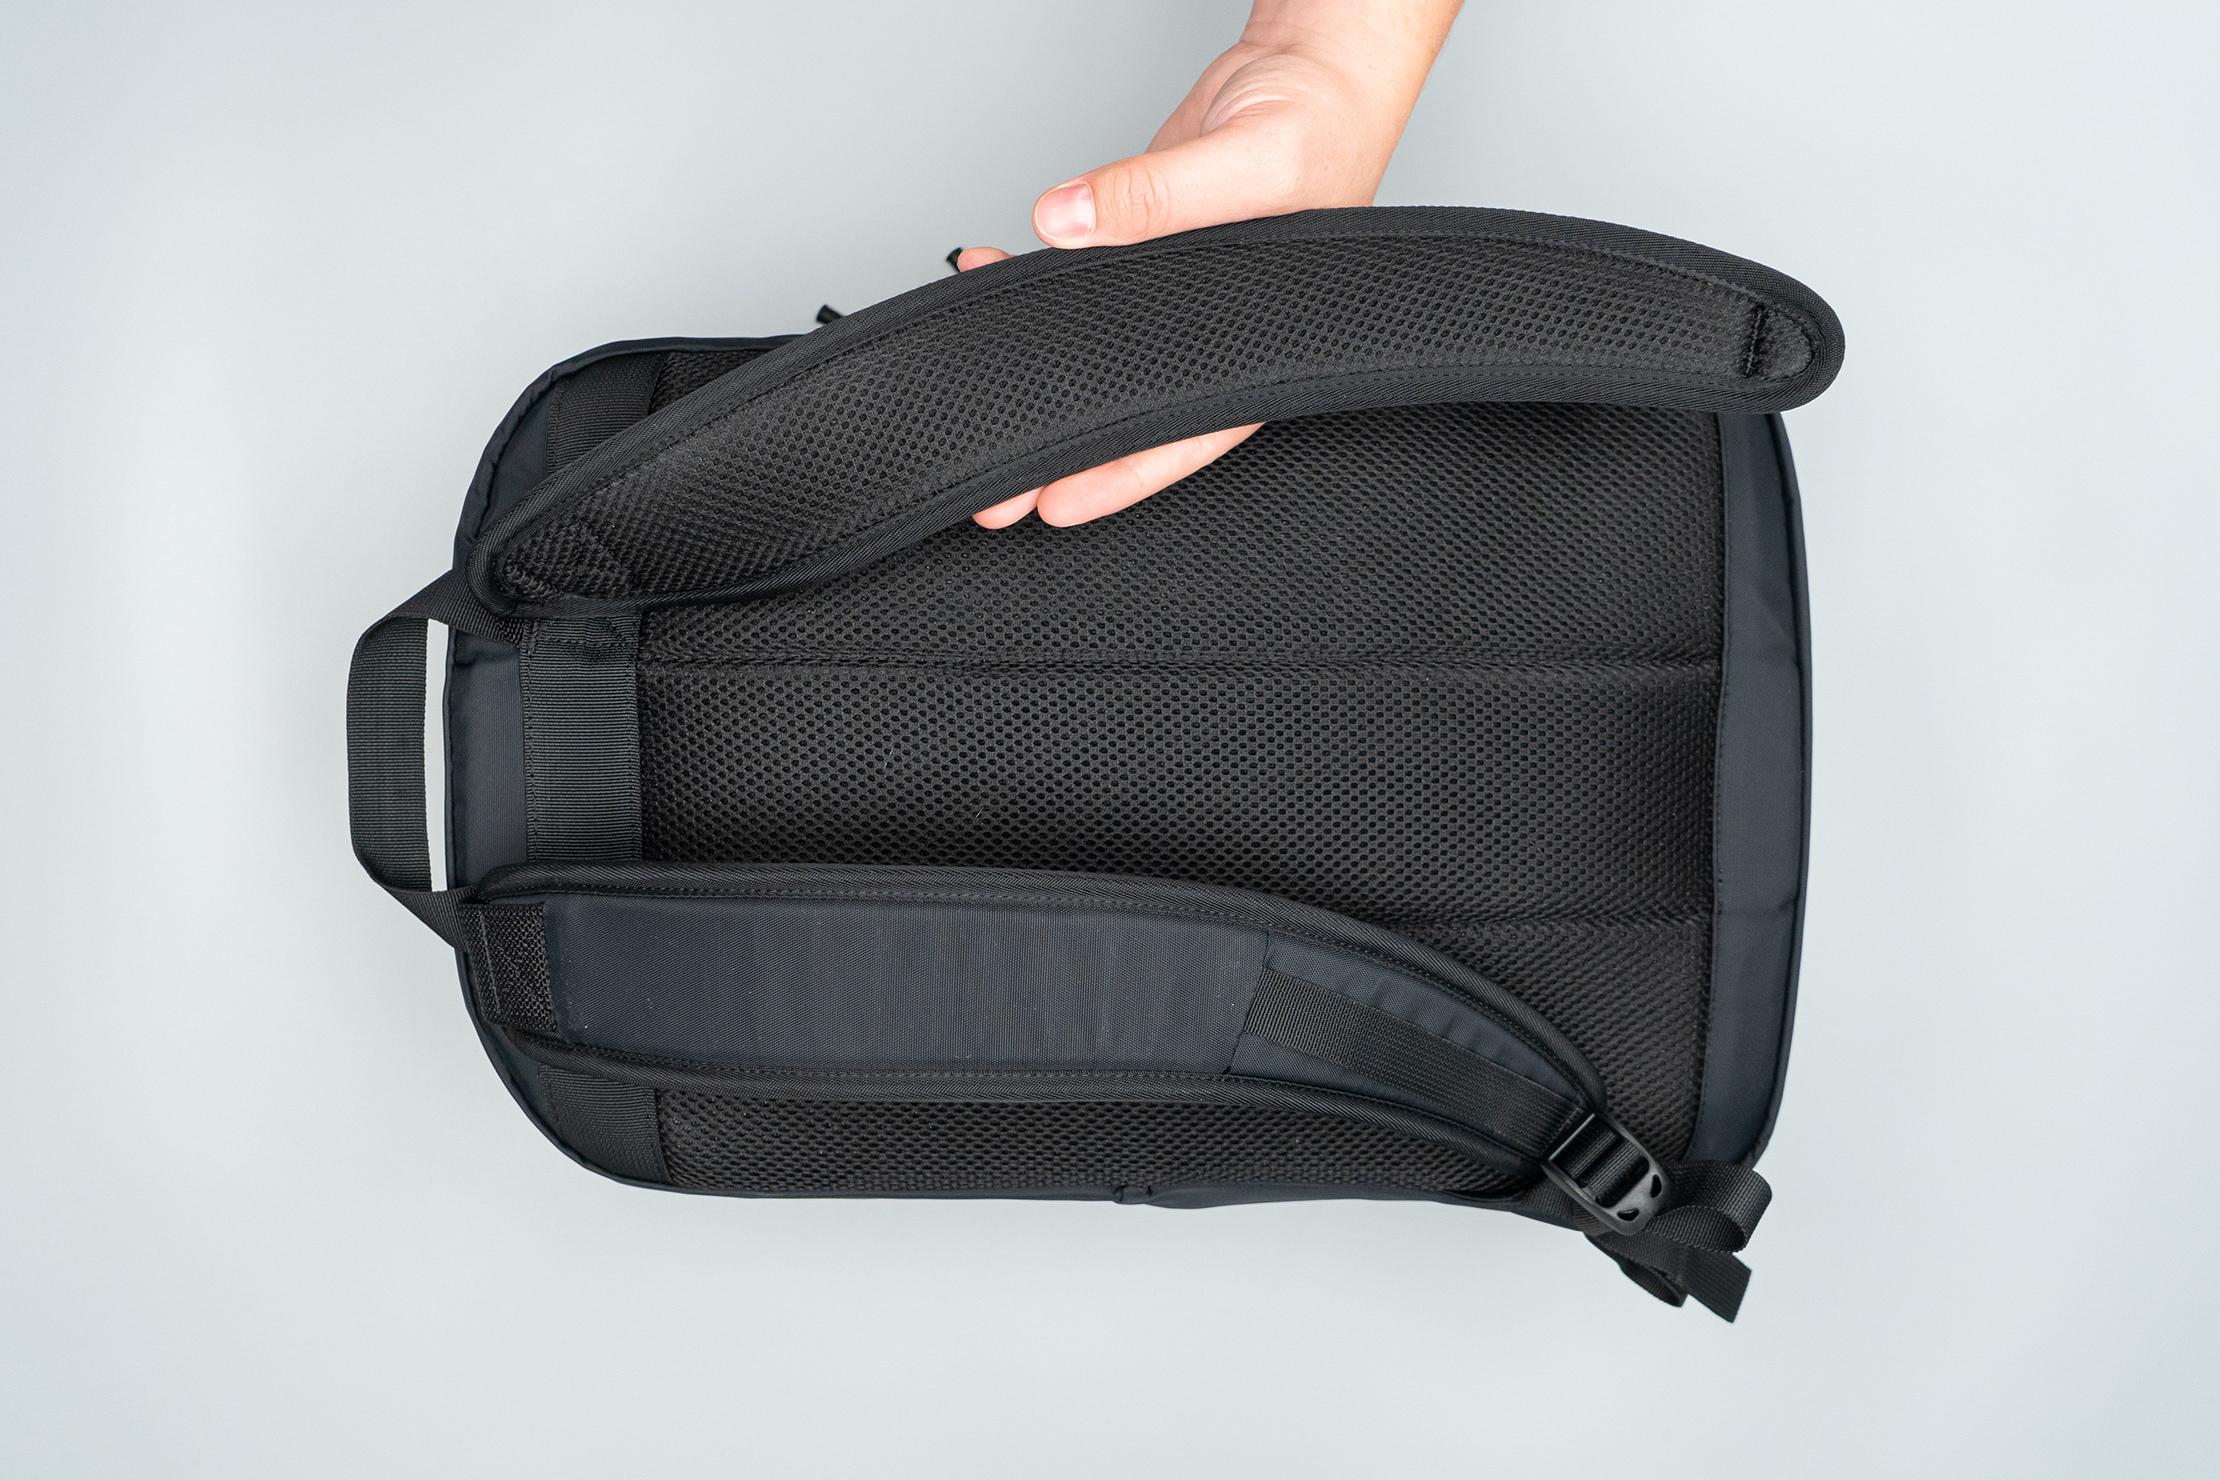 Timbuk2 Parkside Laptop Backpack 2.0 Back Panel Strap Mesh